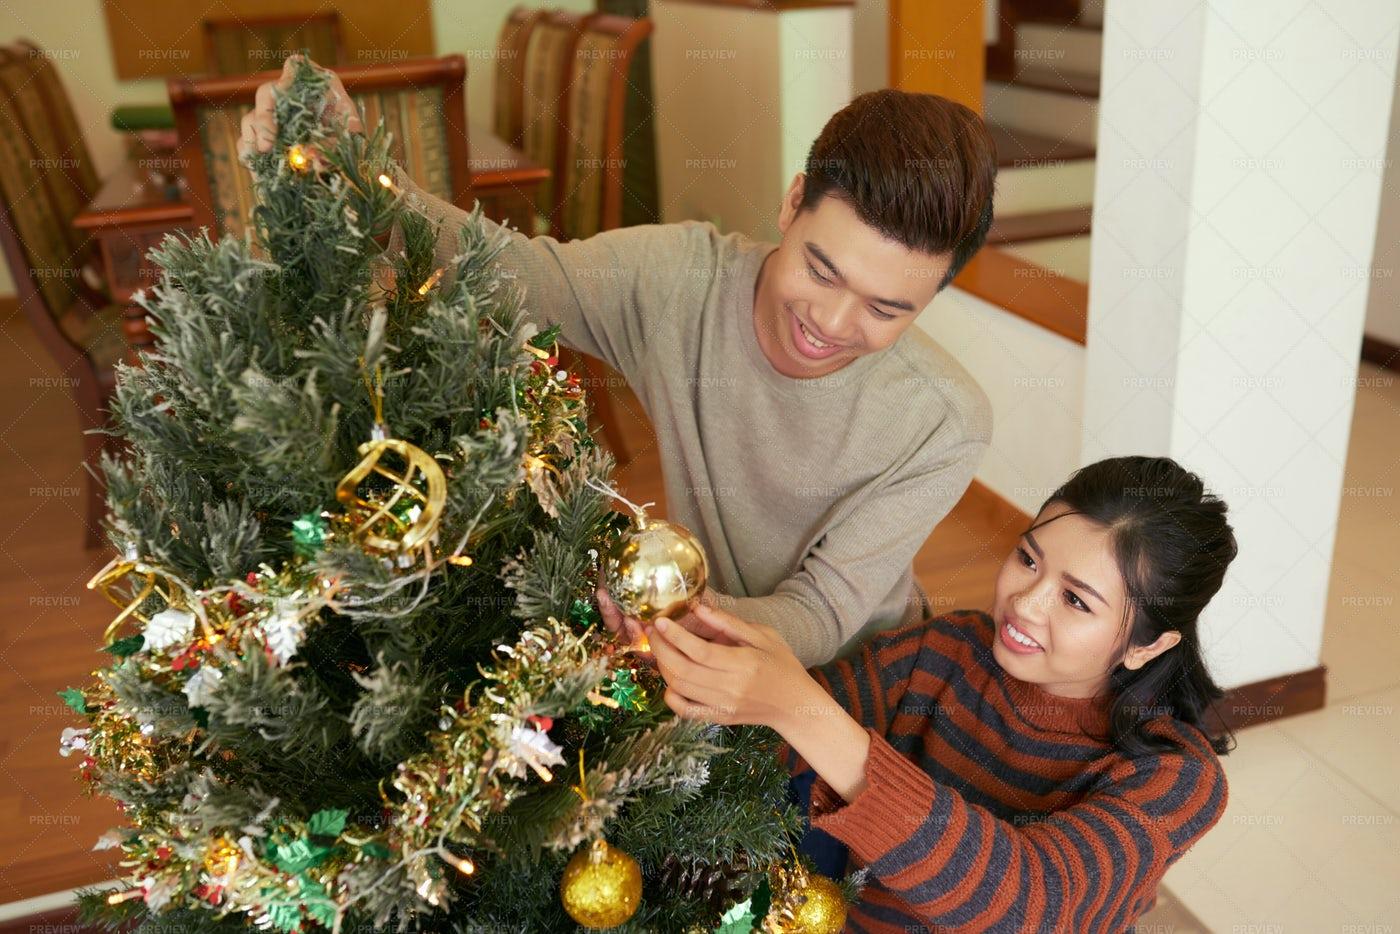 Family Decorating Fir Tree: Stock Photos